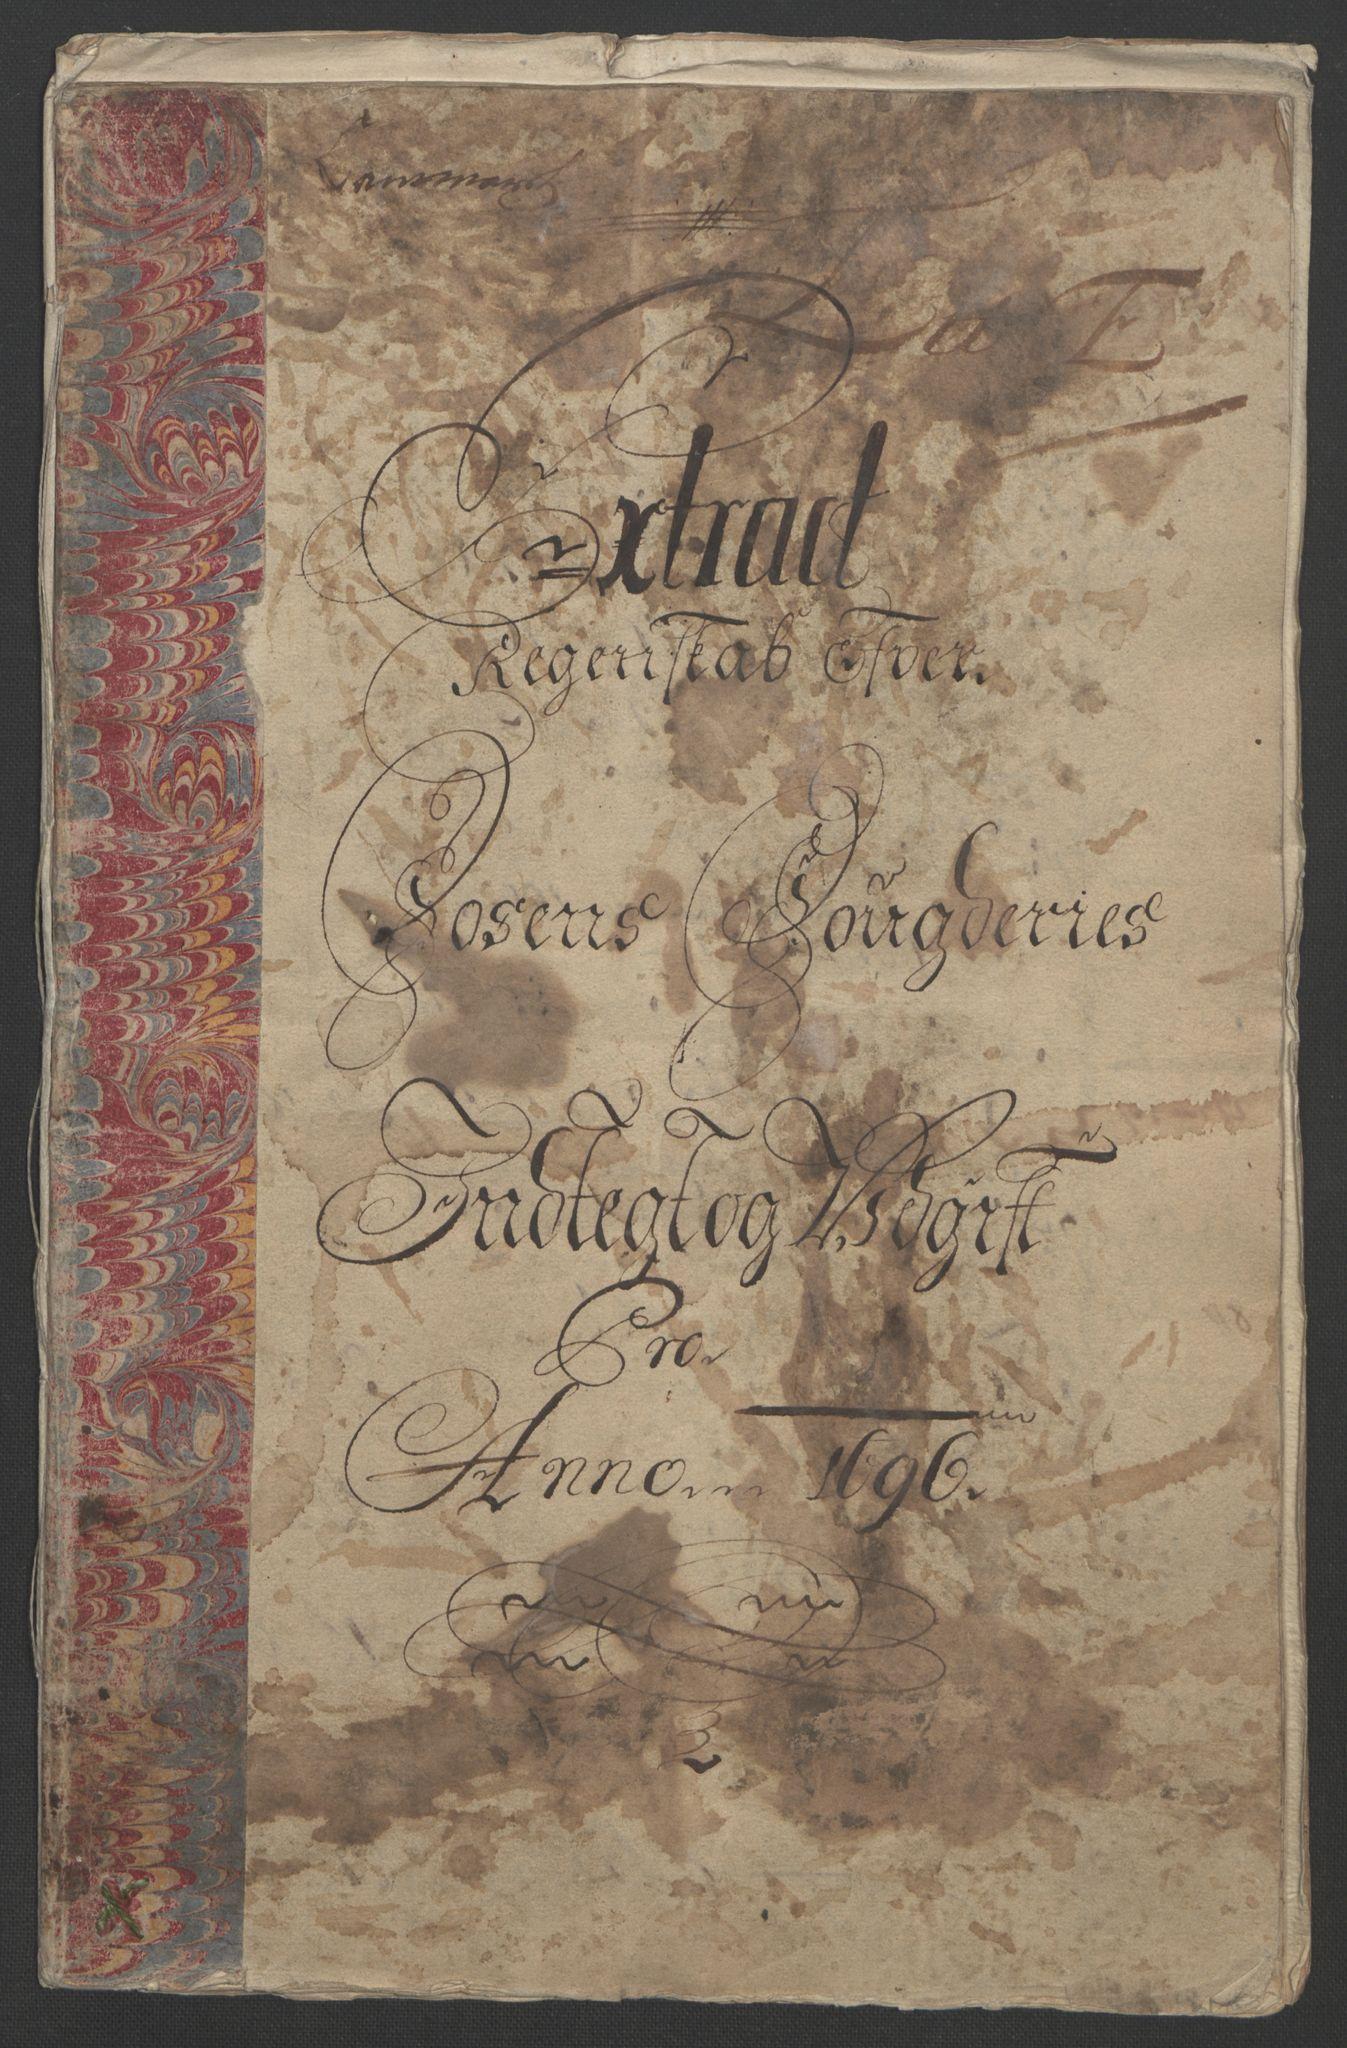 RA, Rentekammeret inntil 1814, Reviderte regnskaper, Fogderegnskap, R57/L3851: Fogderegnskap Fosen, 1695-1696, s. 193